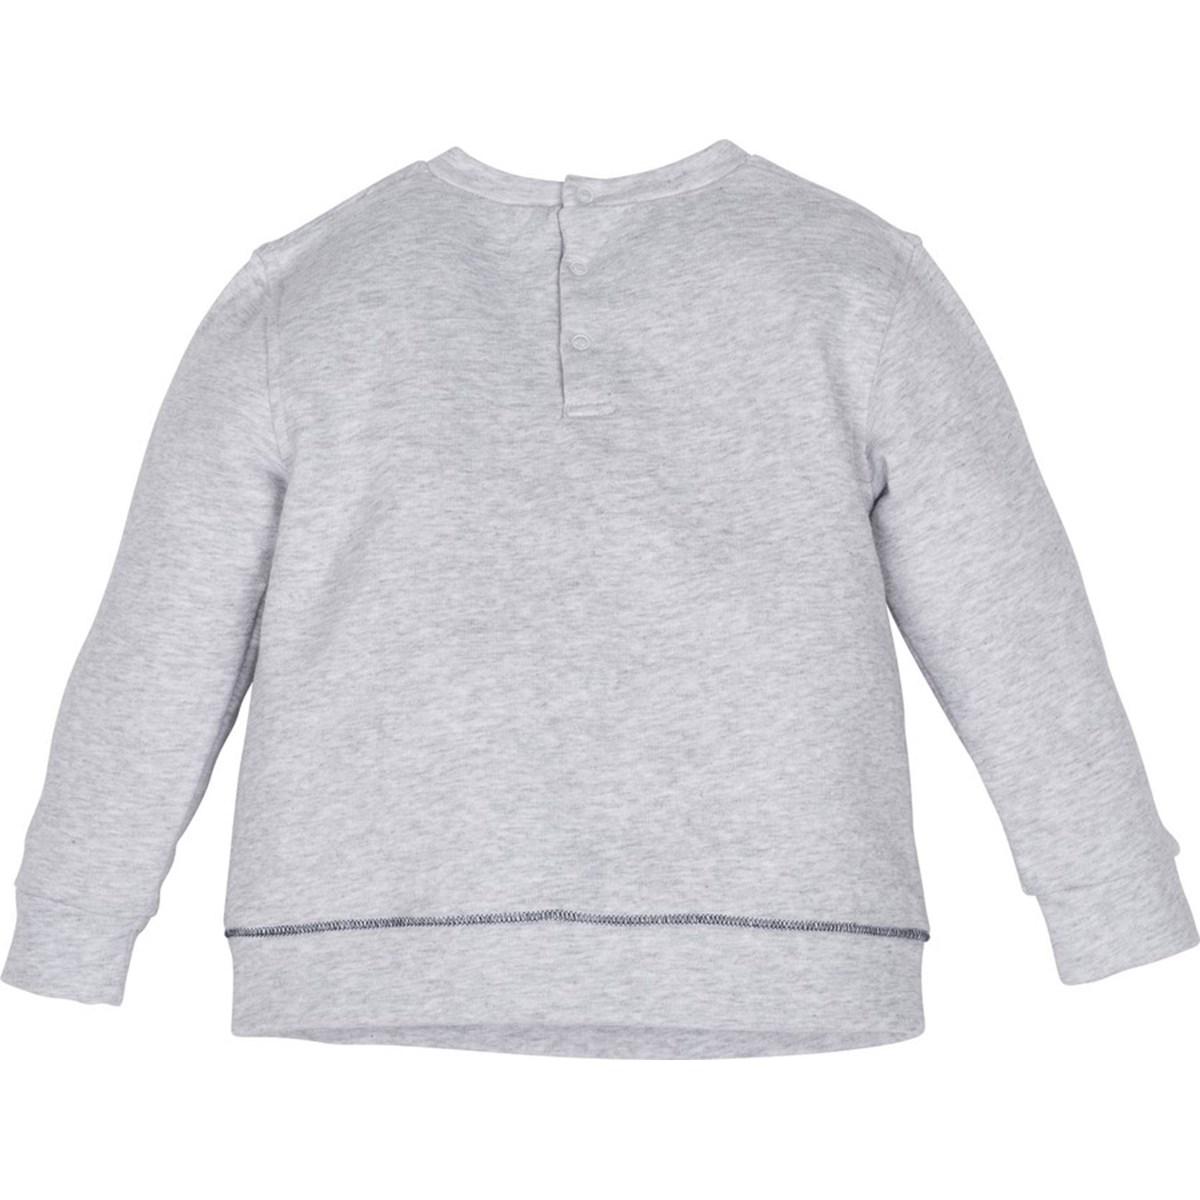 12634 Sweatshirt 2